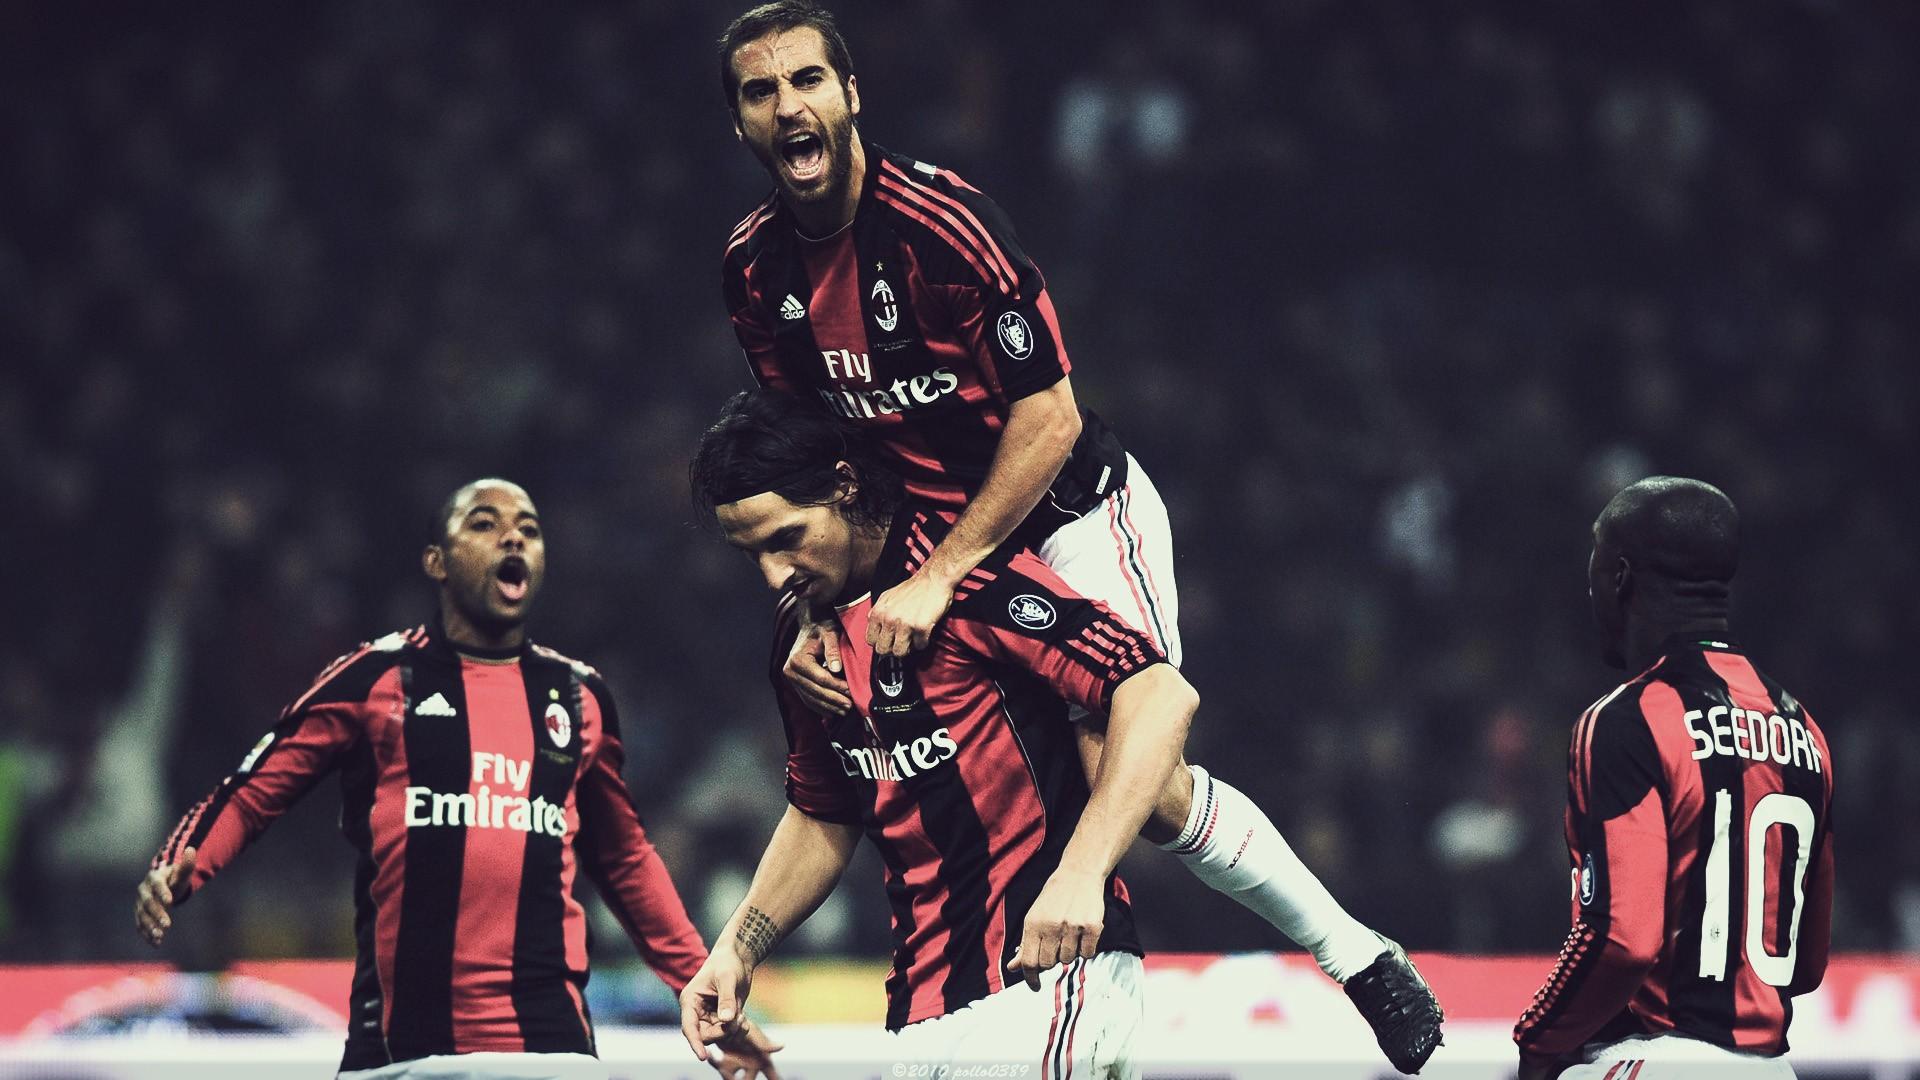 beast AC Milan Robinho Zlatan Ibrahimovic Mathieu Flamini Clarence